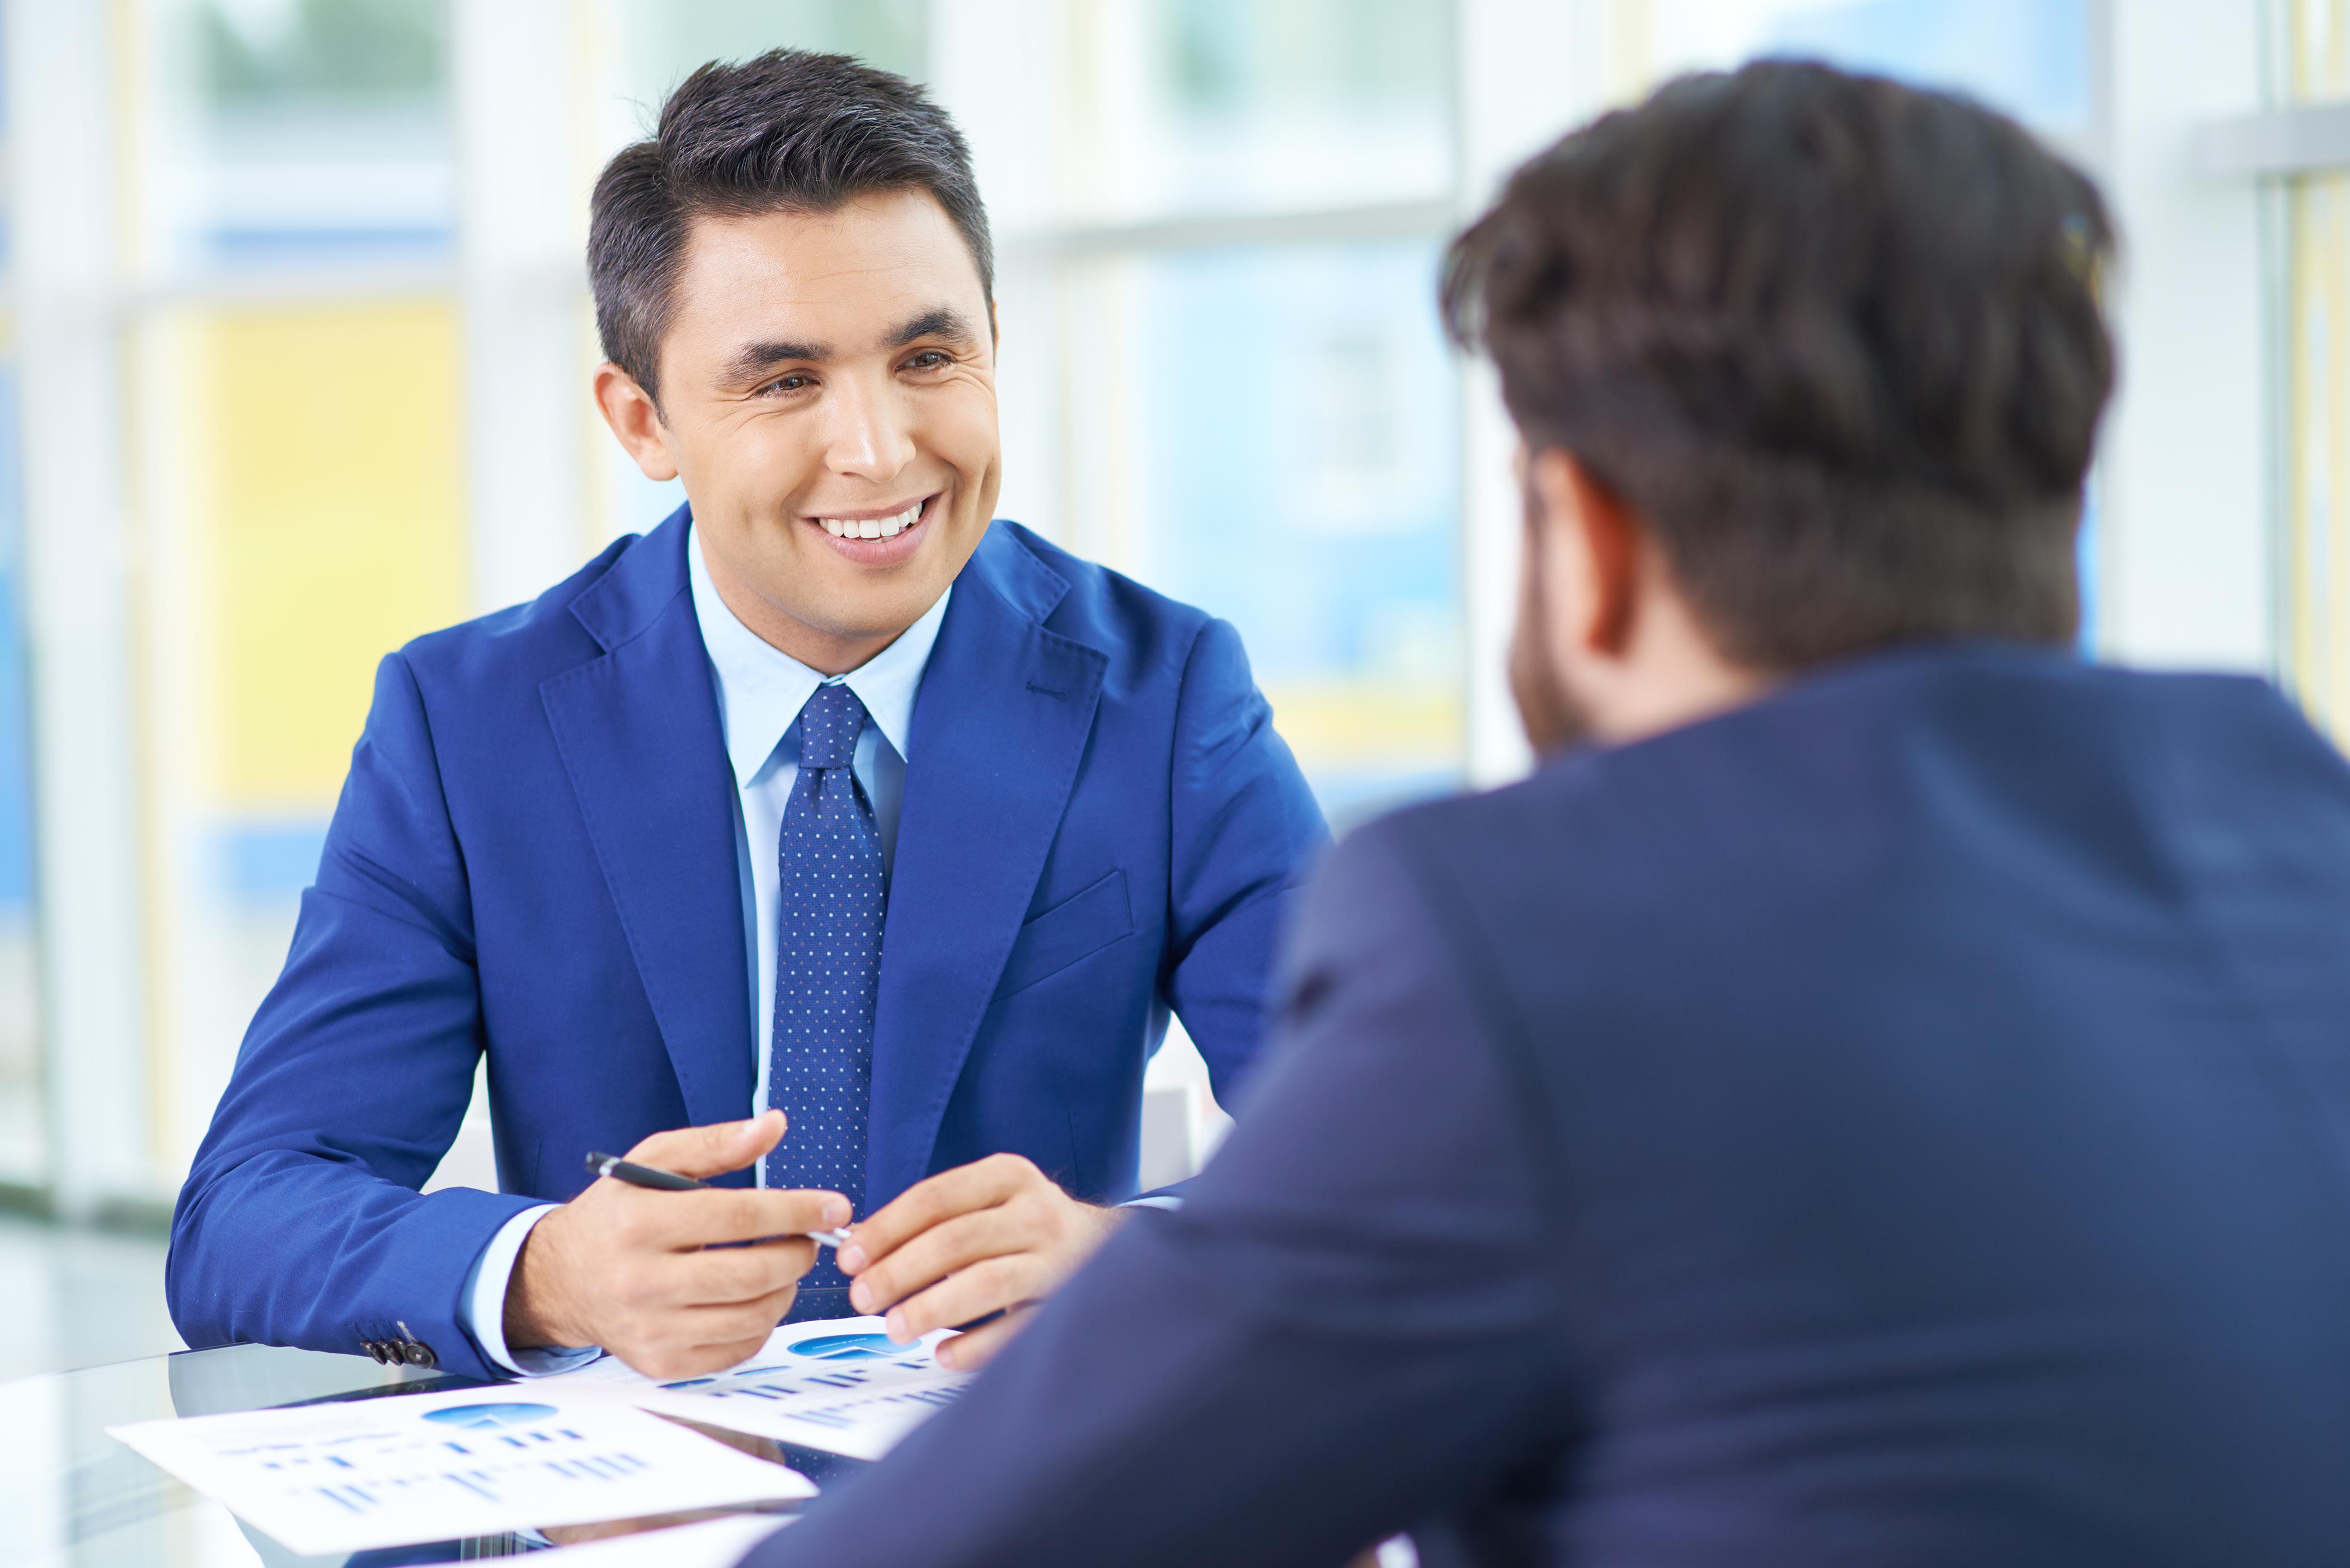 wawancara calon karyawan